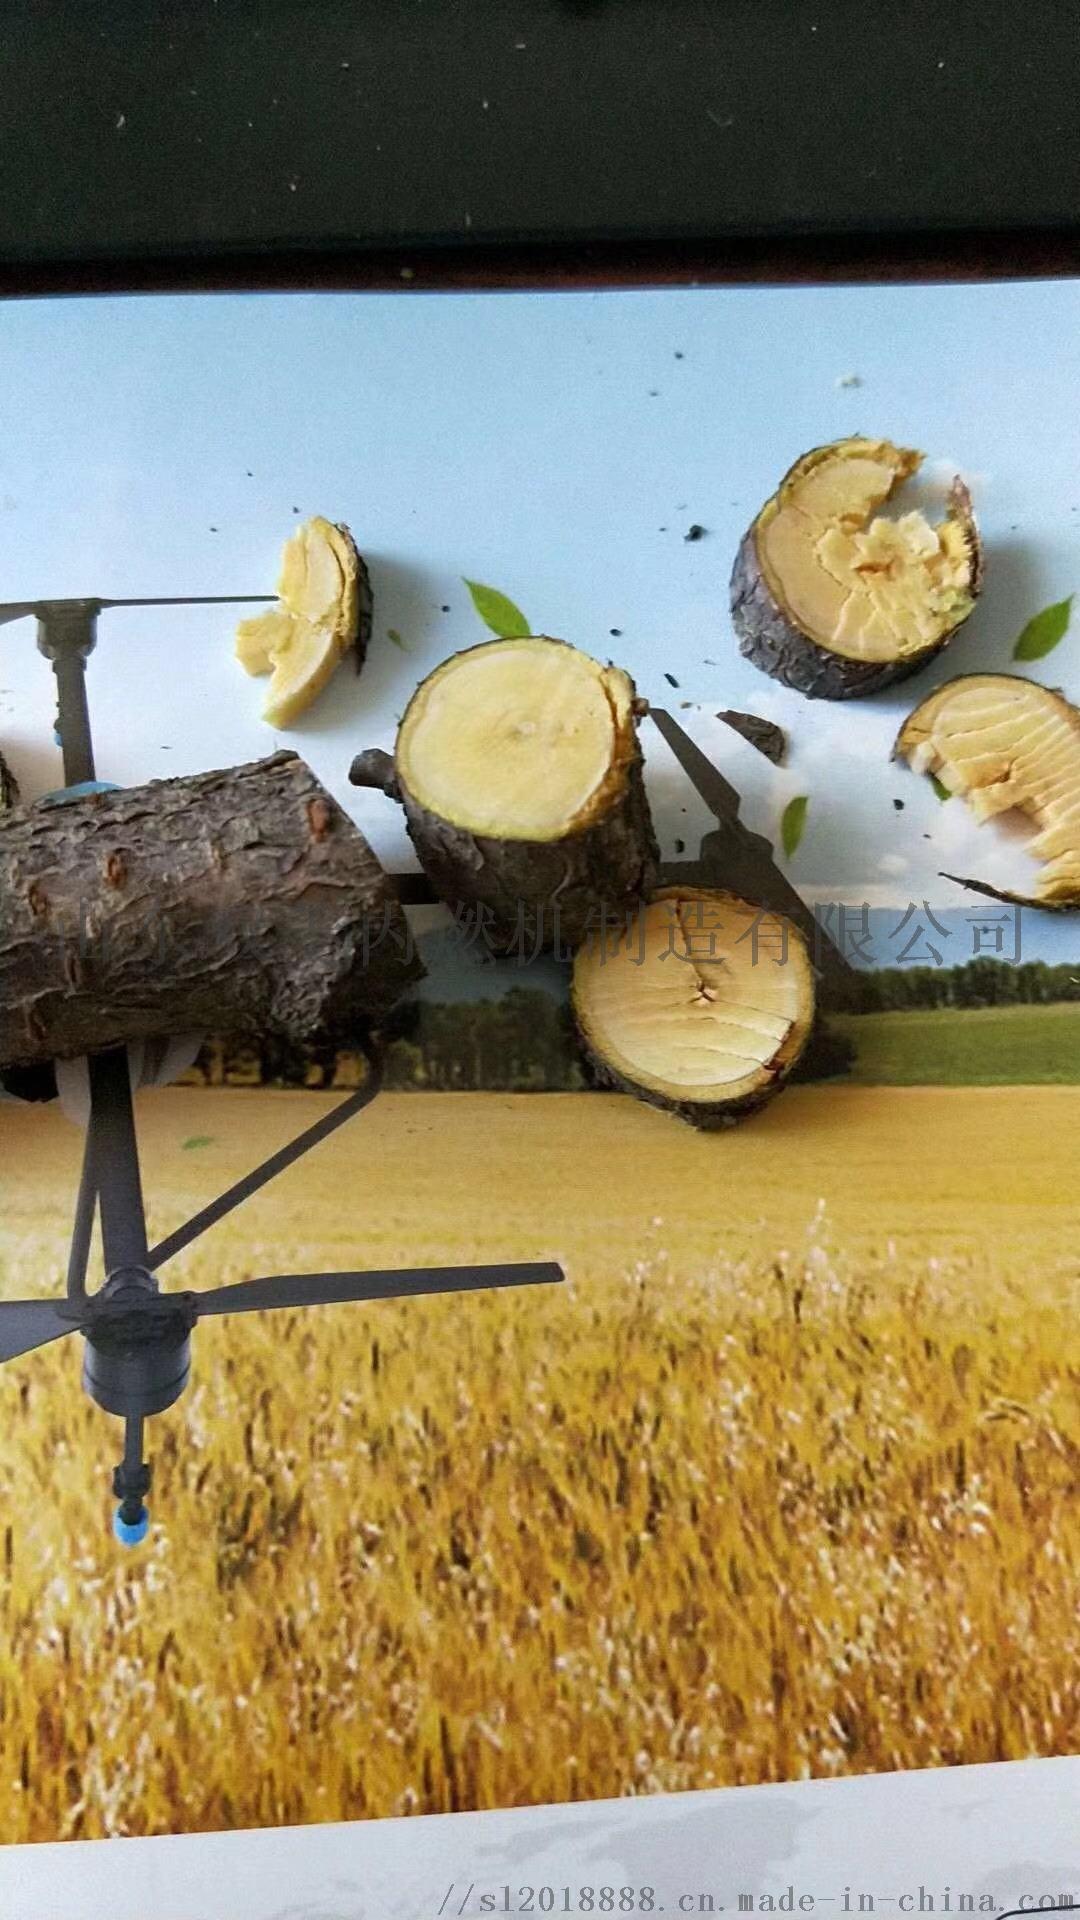 园艺修枝兔毛剪v园艺果树剪厂家直销树枝工具米奇毛衣针织衫图片